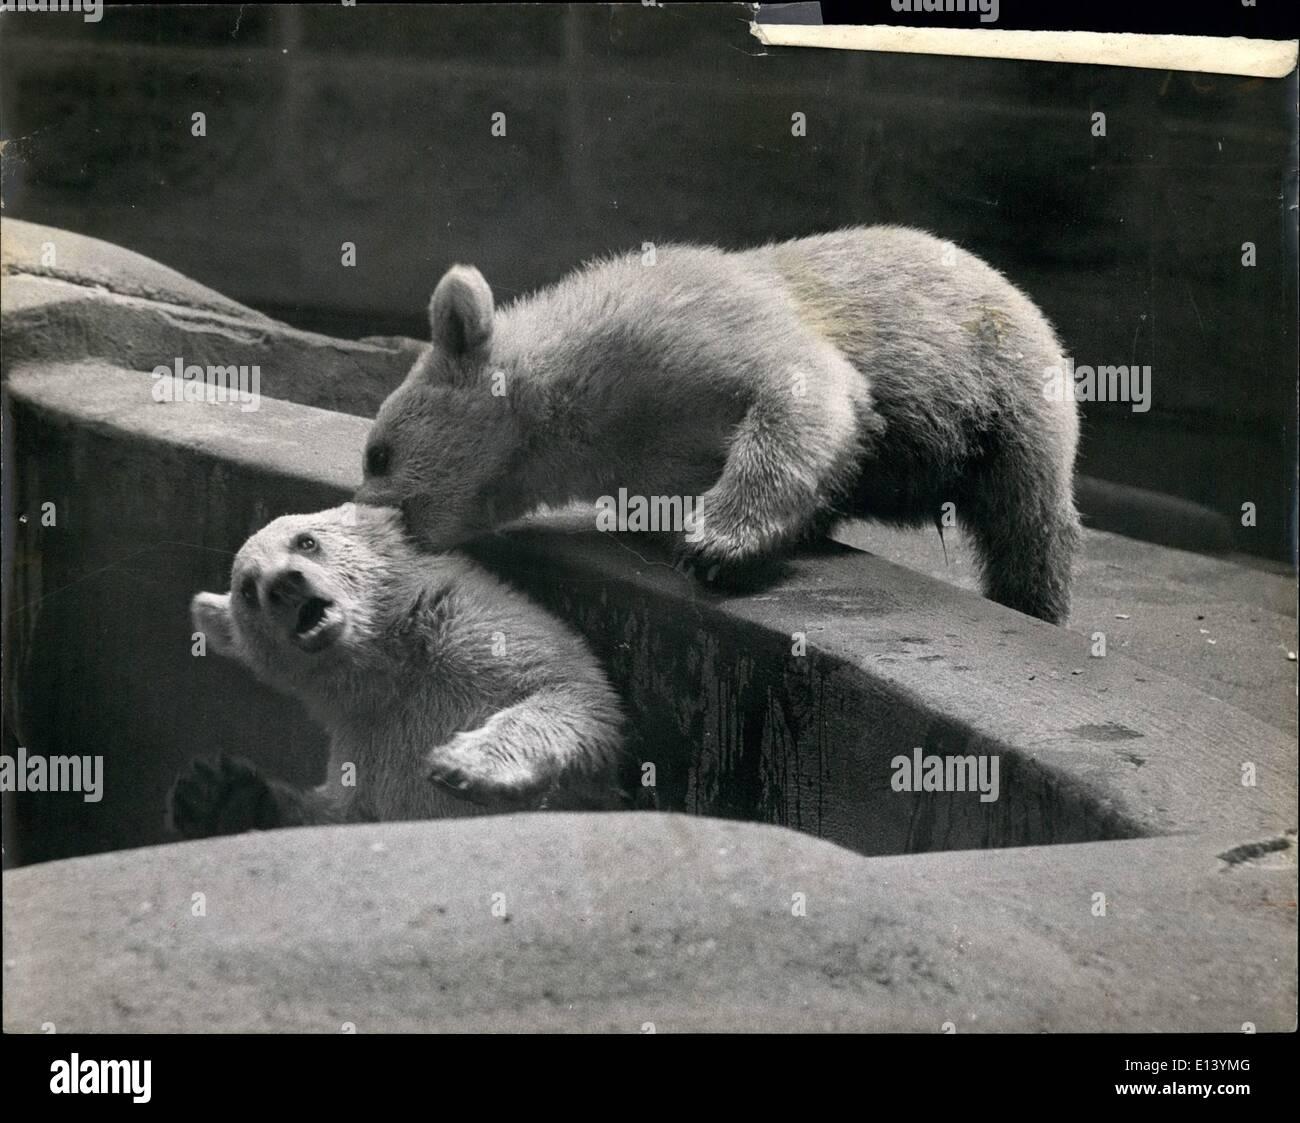 White Lion Babies Stockfotos & White Lion Babies Bilder - Alamy